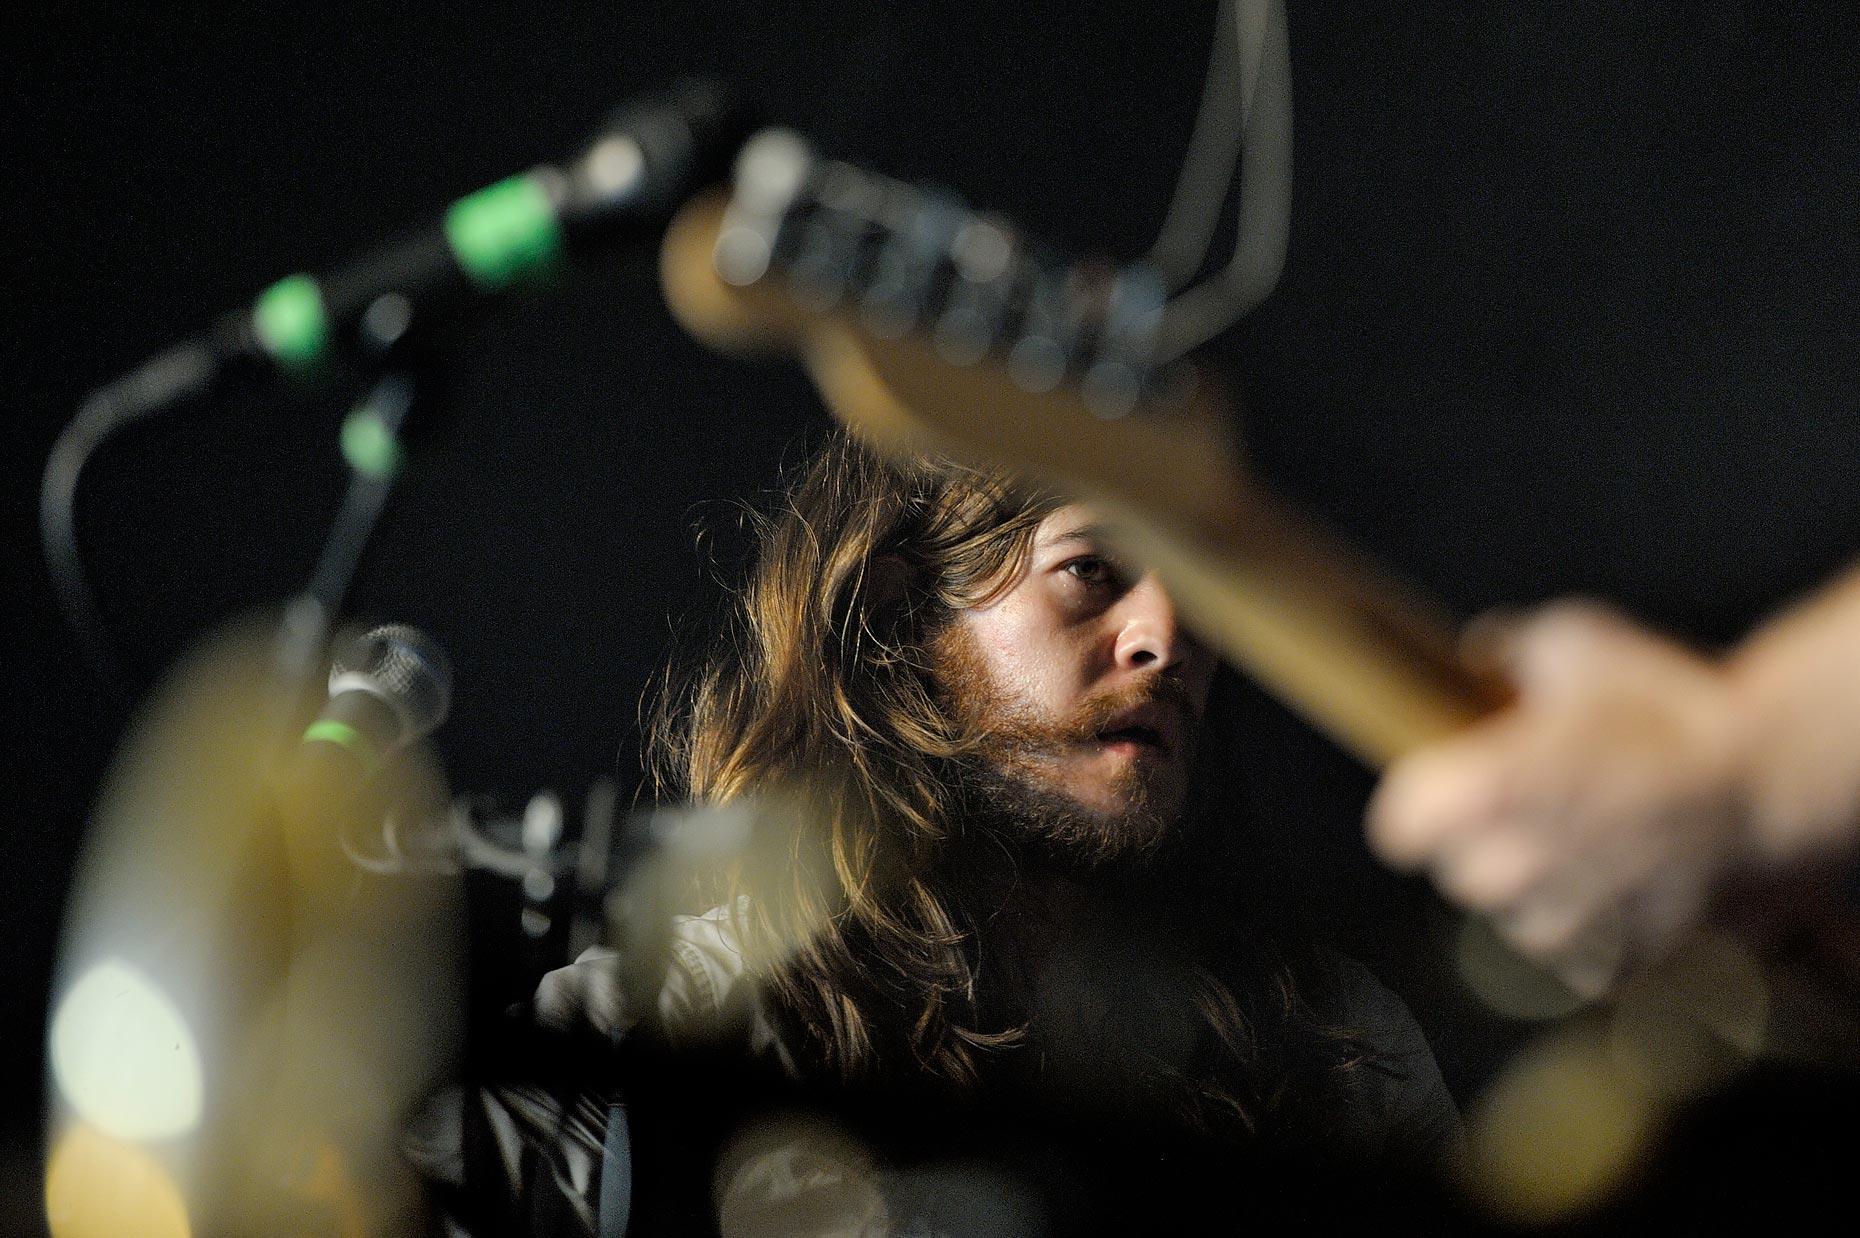 Le groupe Other Lifes au Badbonn Kilbi festival, Düdingen, le 2 juin 2012. Bertrand Cottet/Strates.